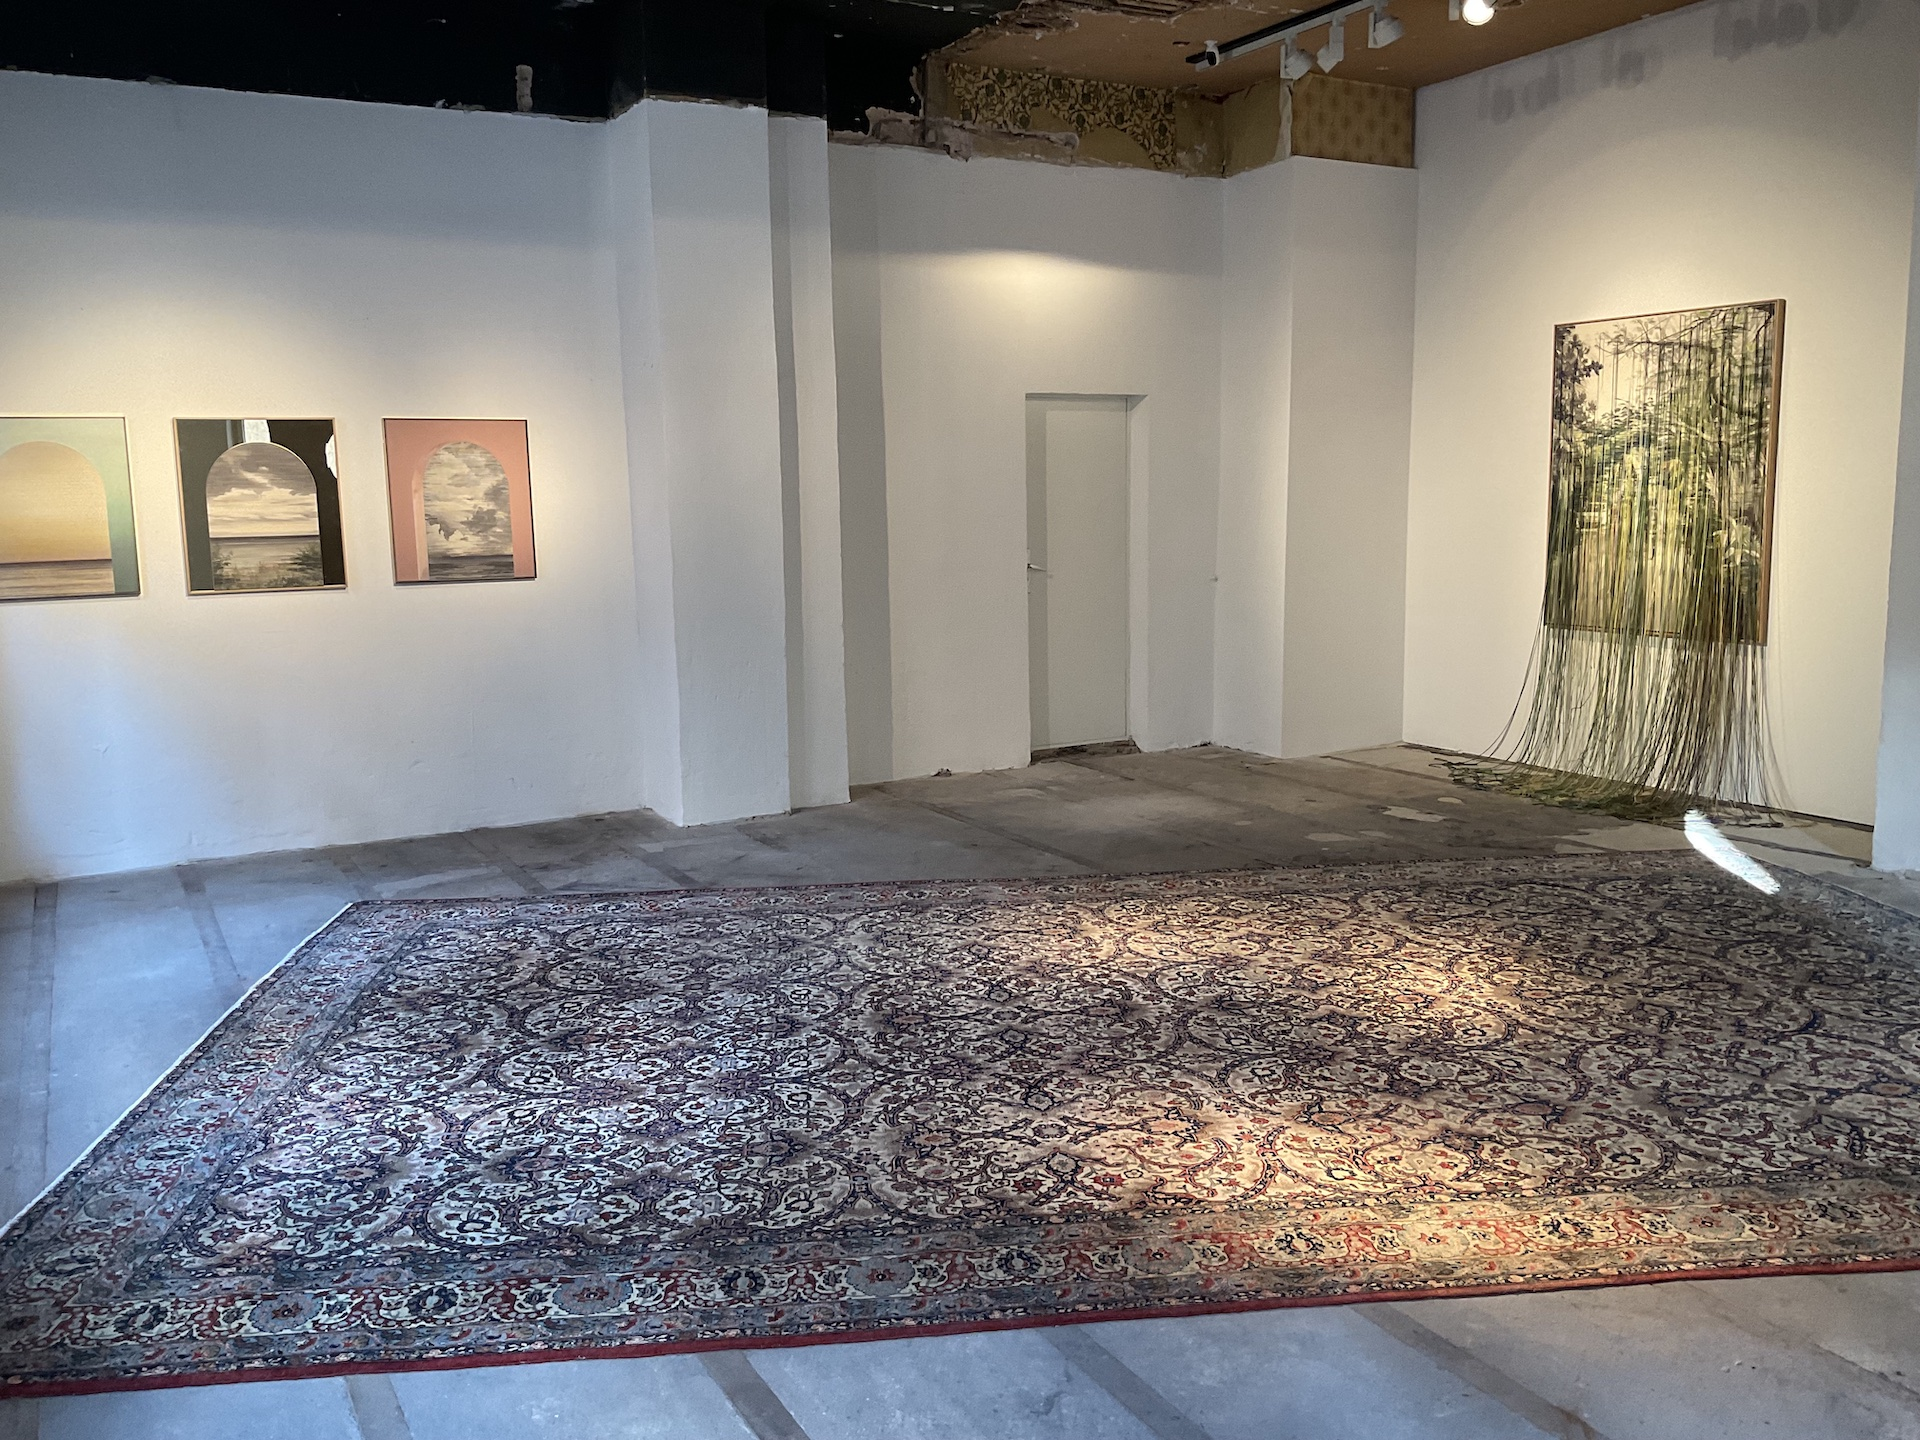 Linda Männel, Galerie Voigt, Nürnberg, Kunst, Pop up